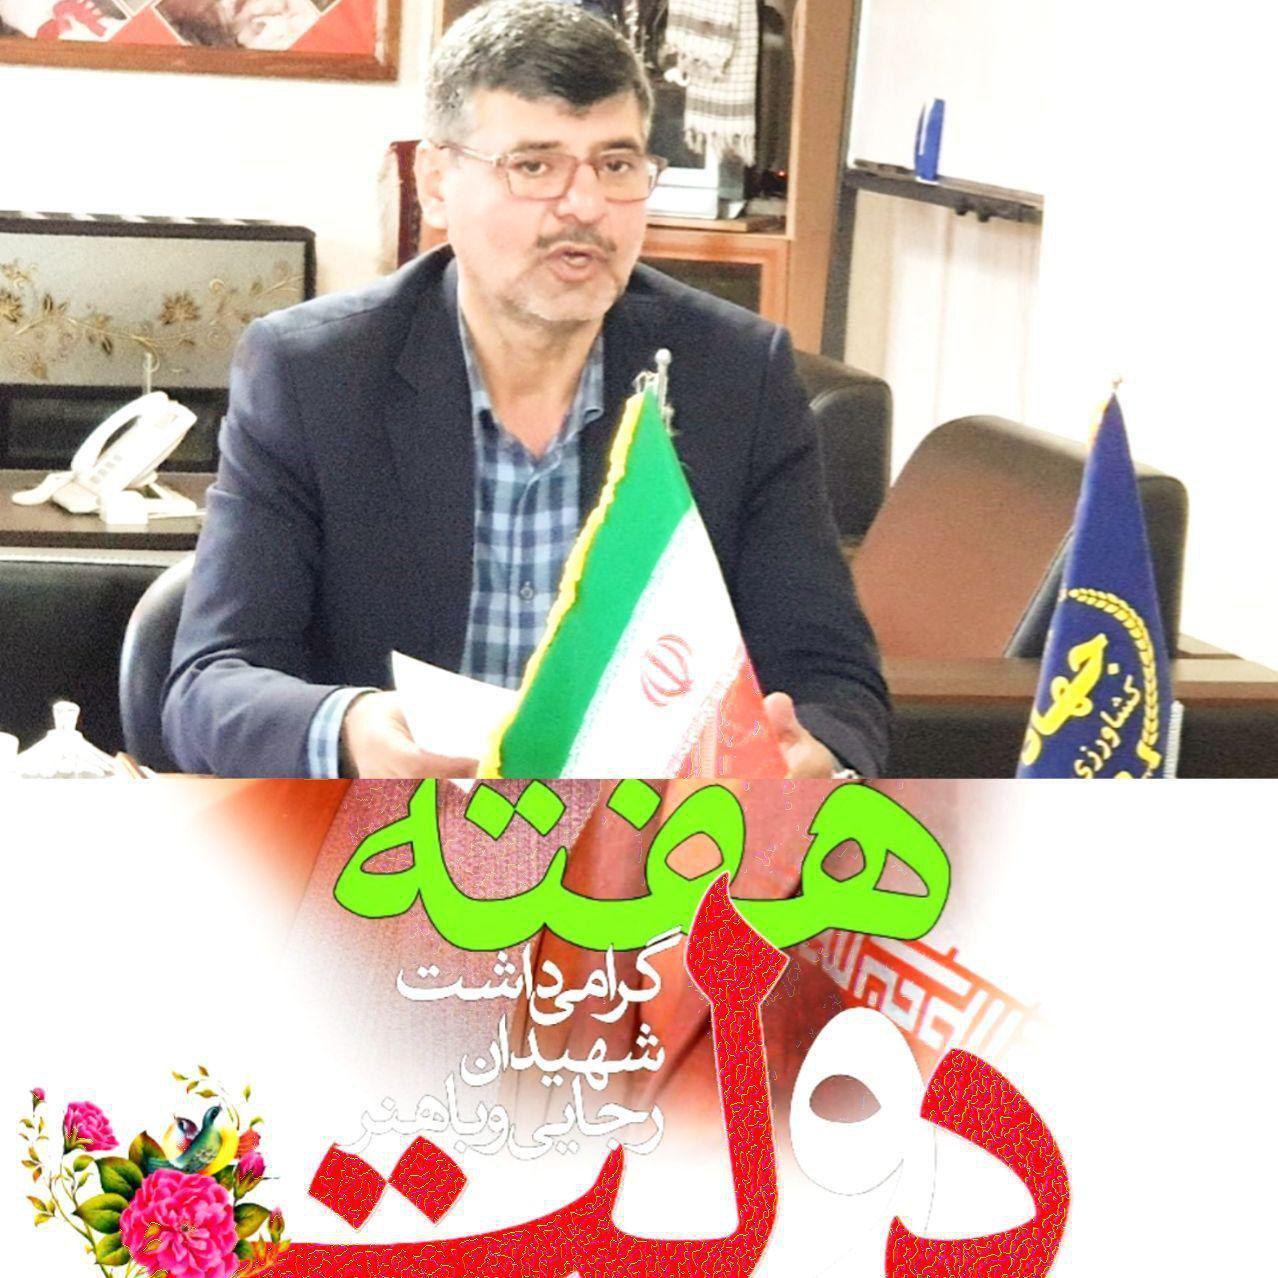 افتتاح و بهره برداری از 221 پروژه سازمان جهادکشاورزی در هفته دولت